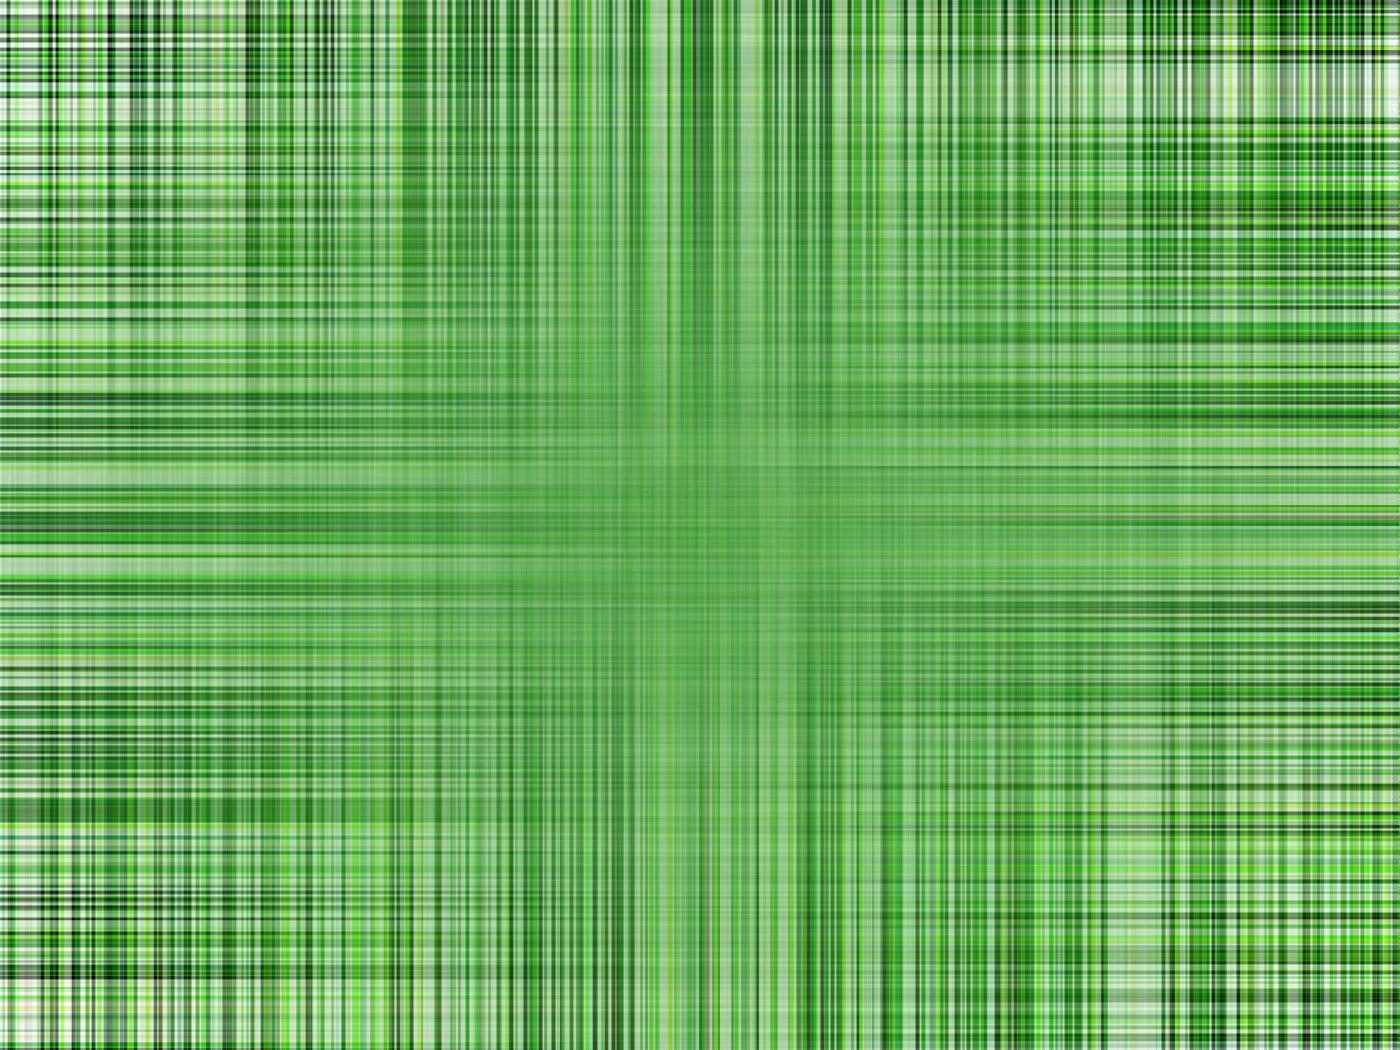 Desktop hintergrund grun